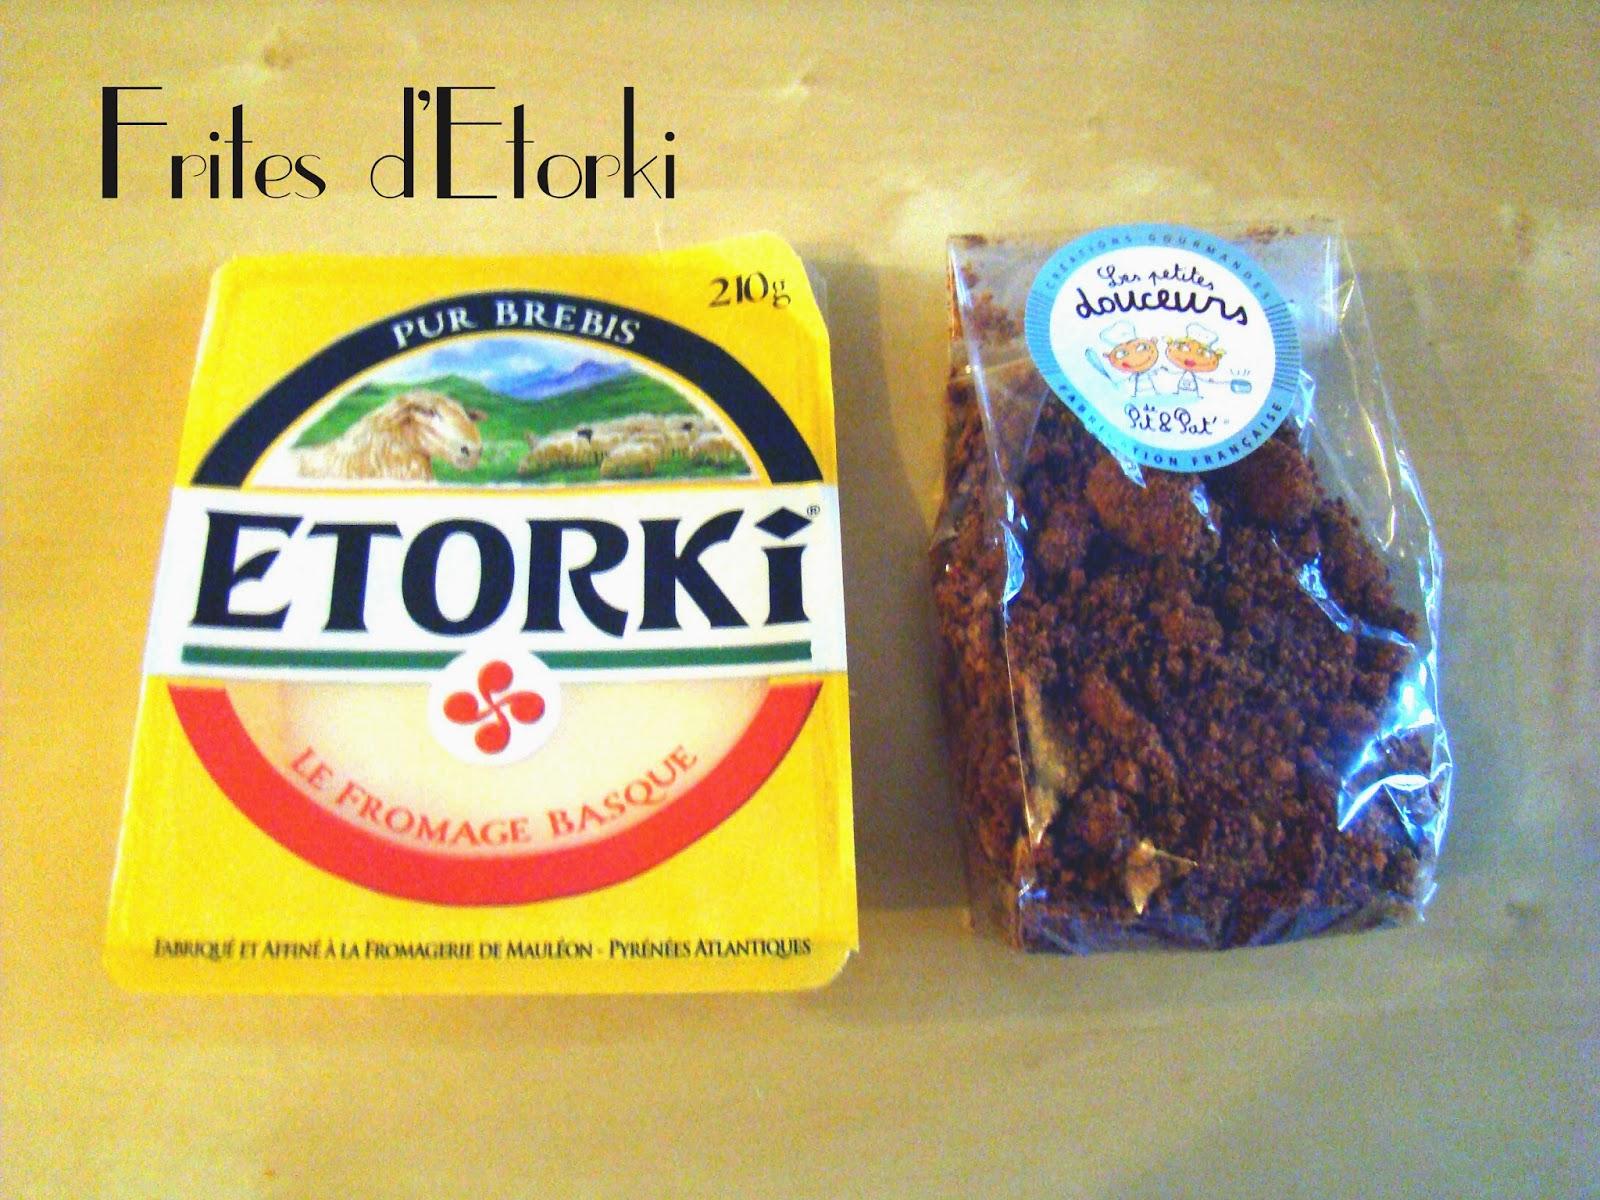 Frites d'Etorki au pain d'épices